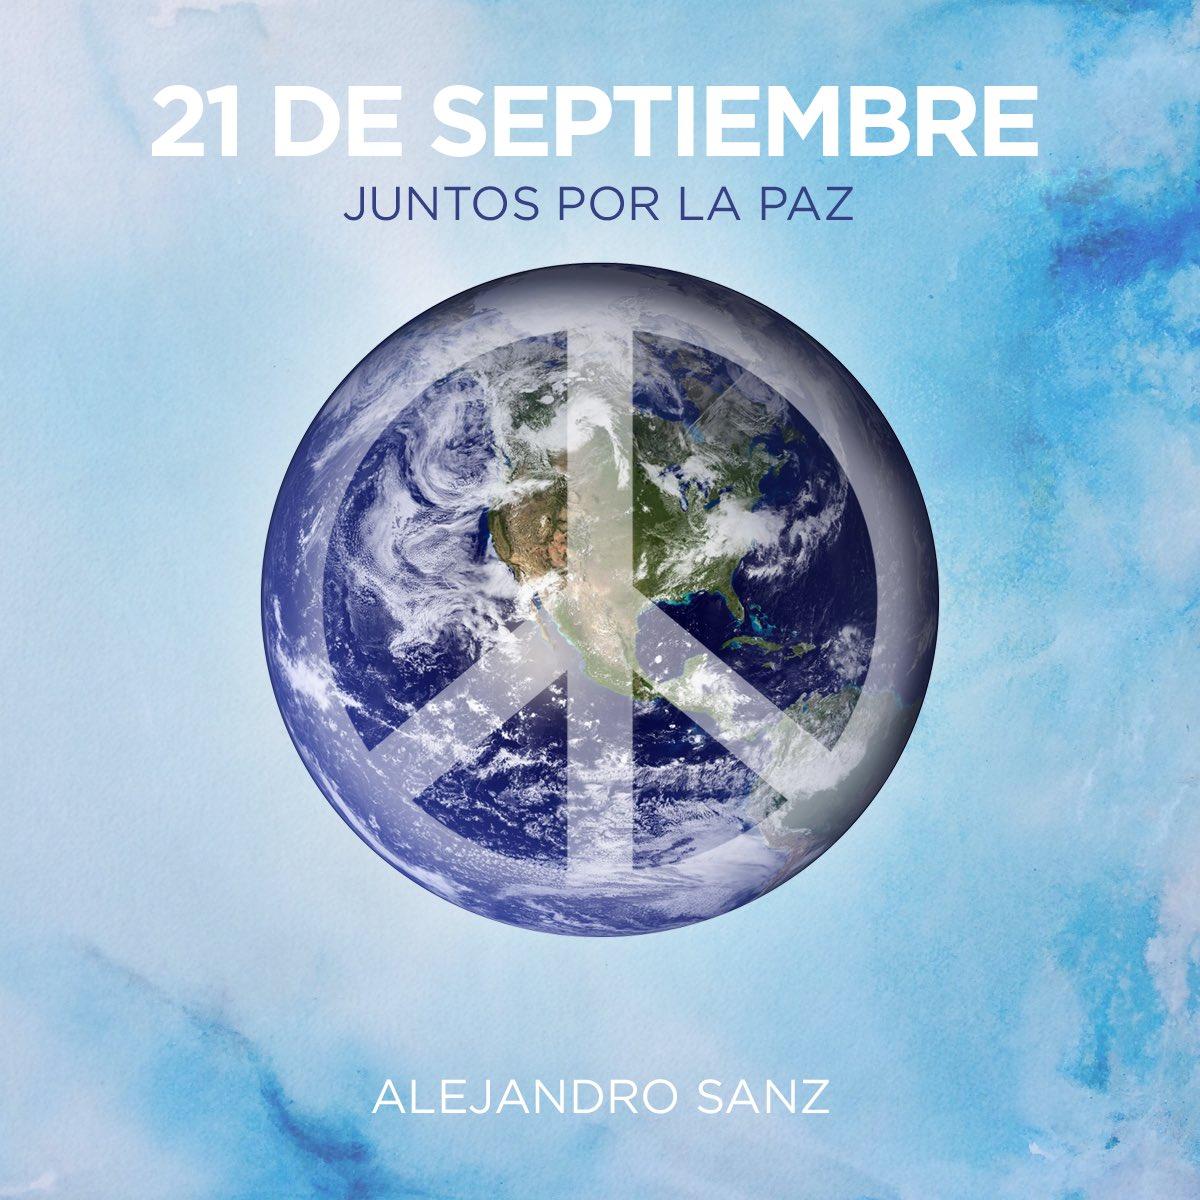 Juntos por la paz: Respeto, seguridad y dignidad para todos ☮ #DiaInte...